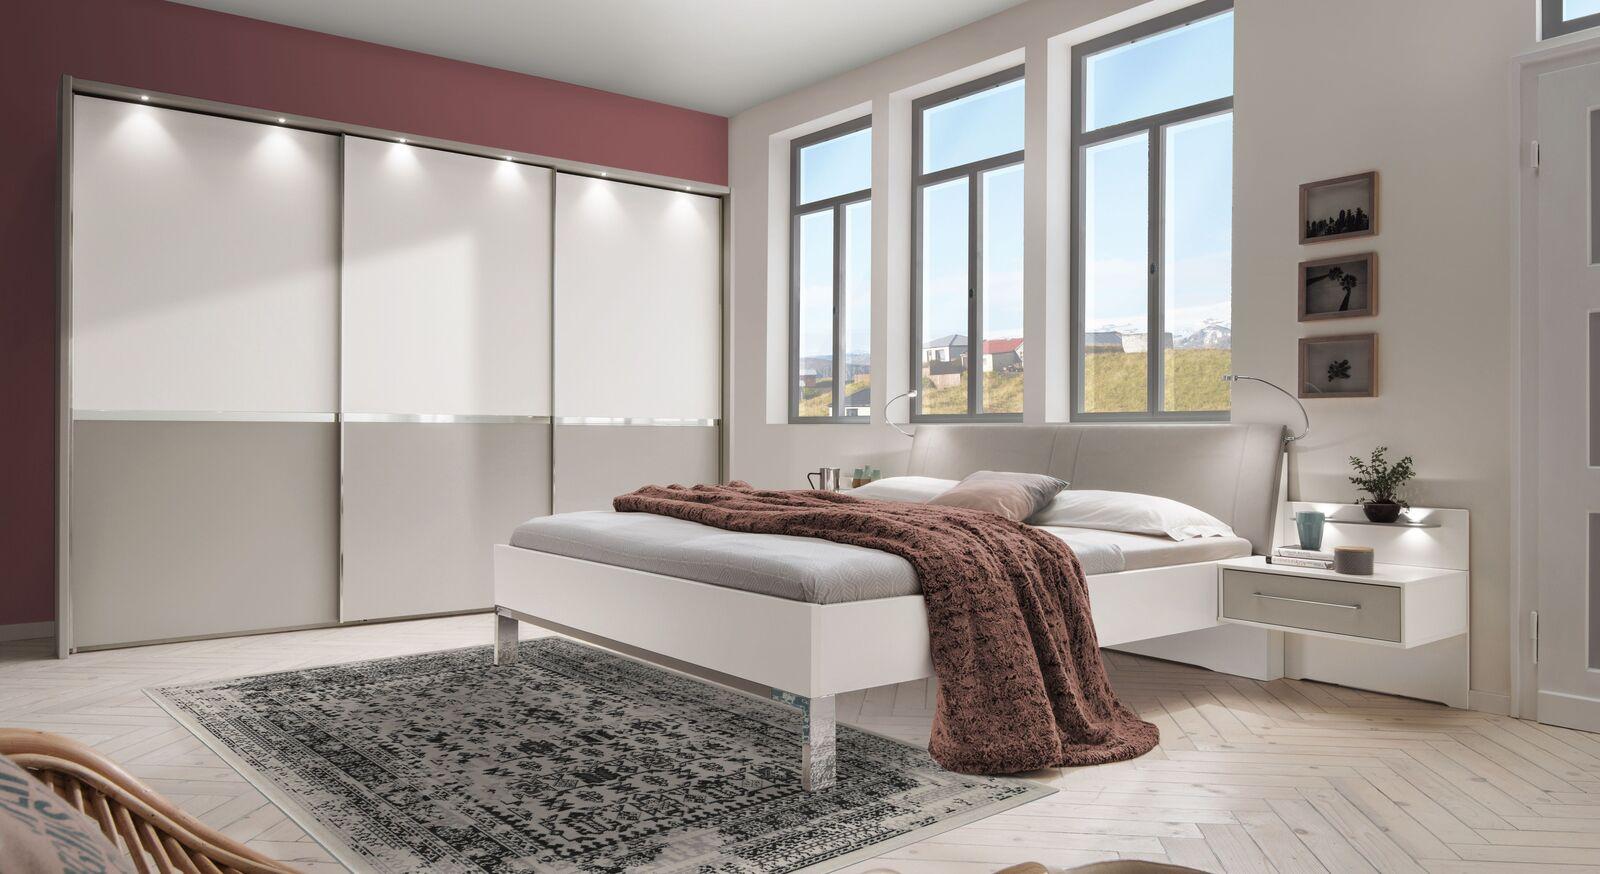 Komplett-Schlafzimmer Tulsa in Kieselgrau und Alpinweiß